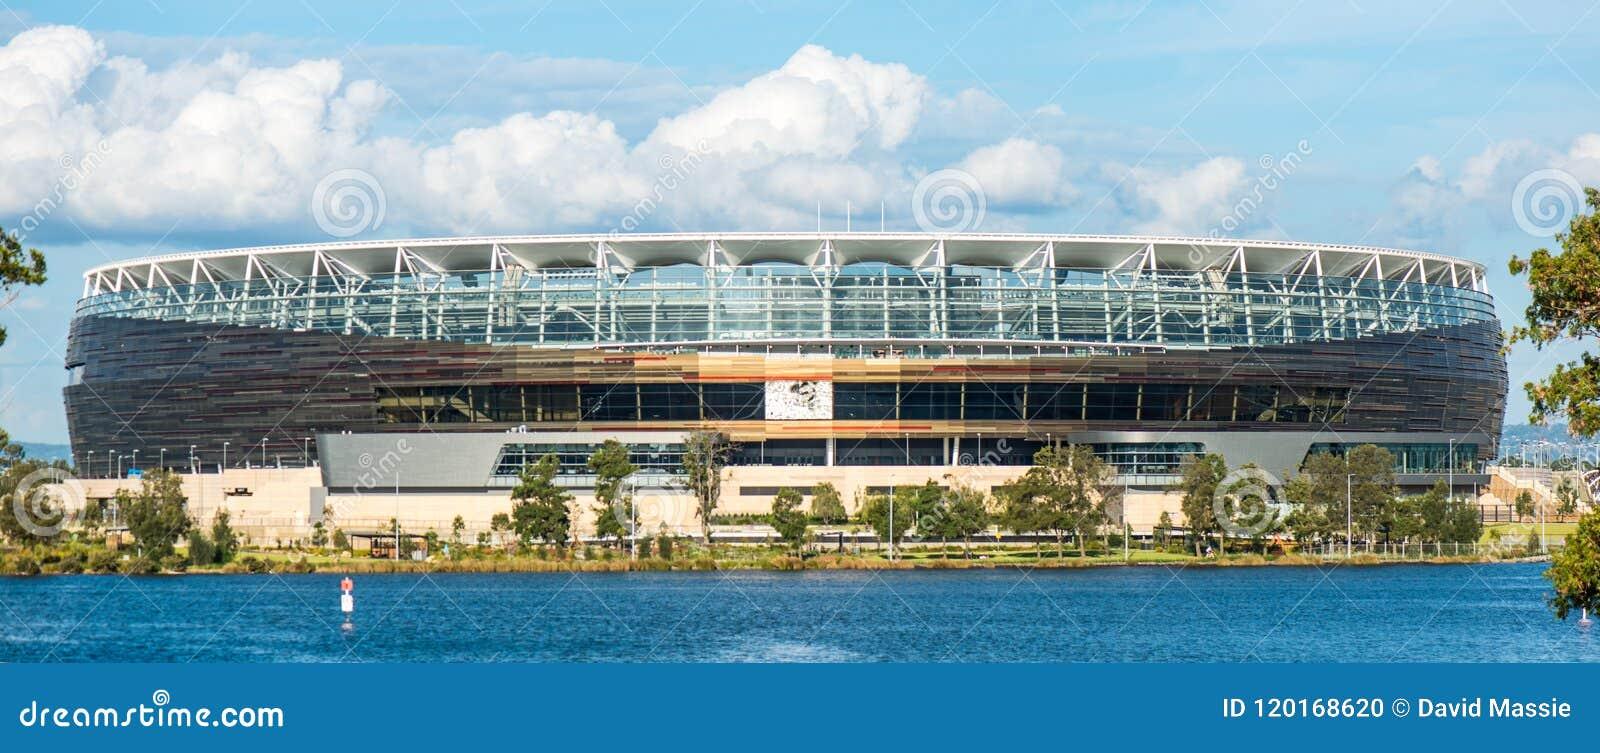 Nieuw Voetbalstadion in Westelijke Australiër